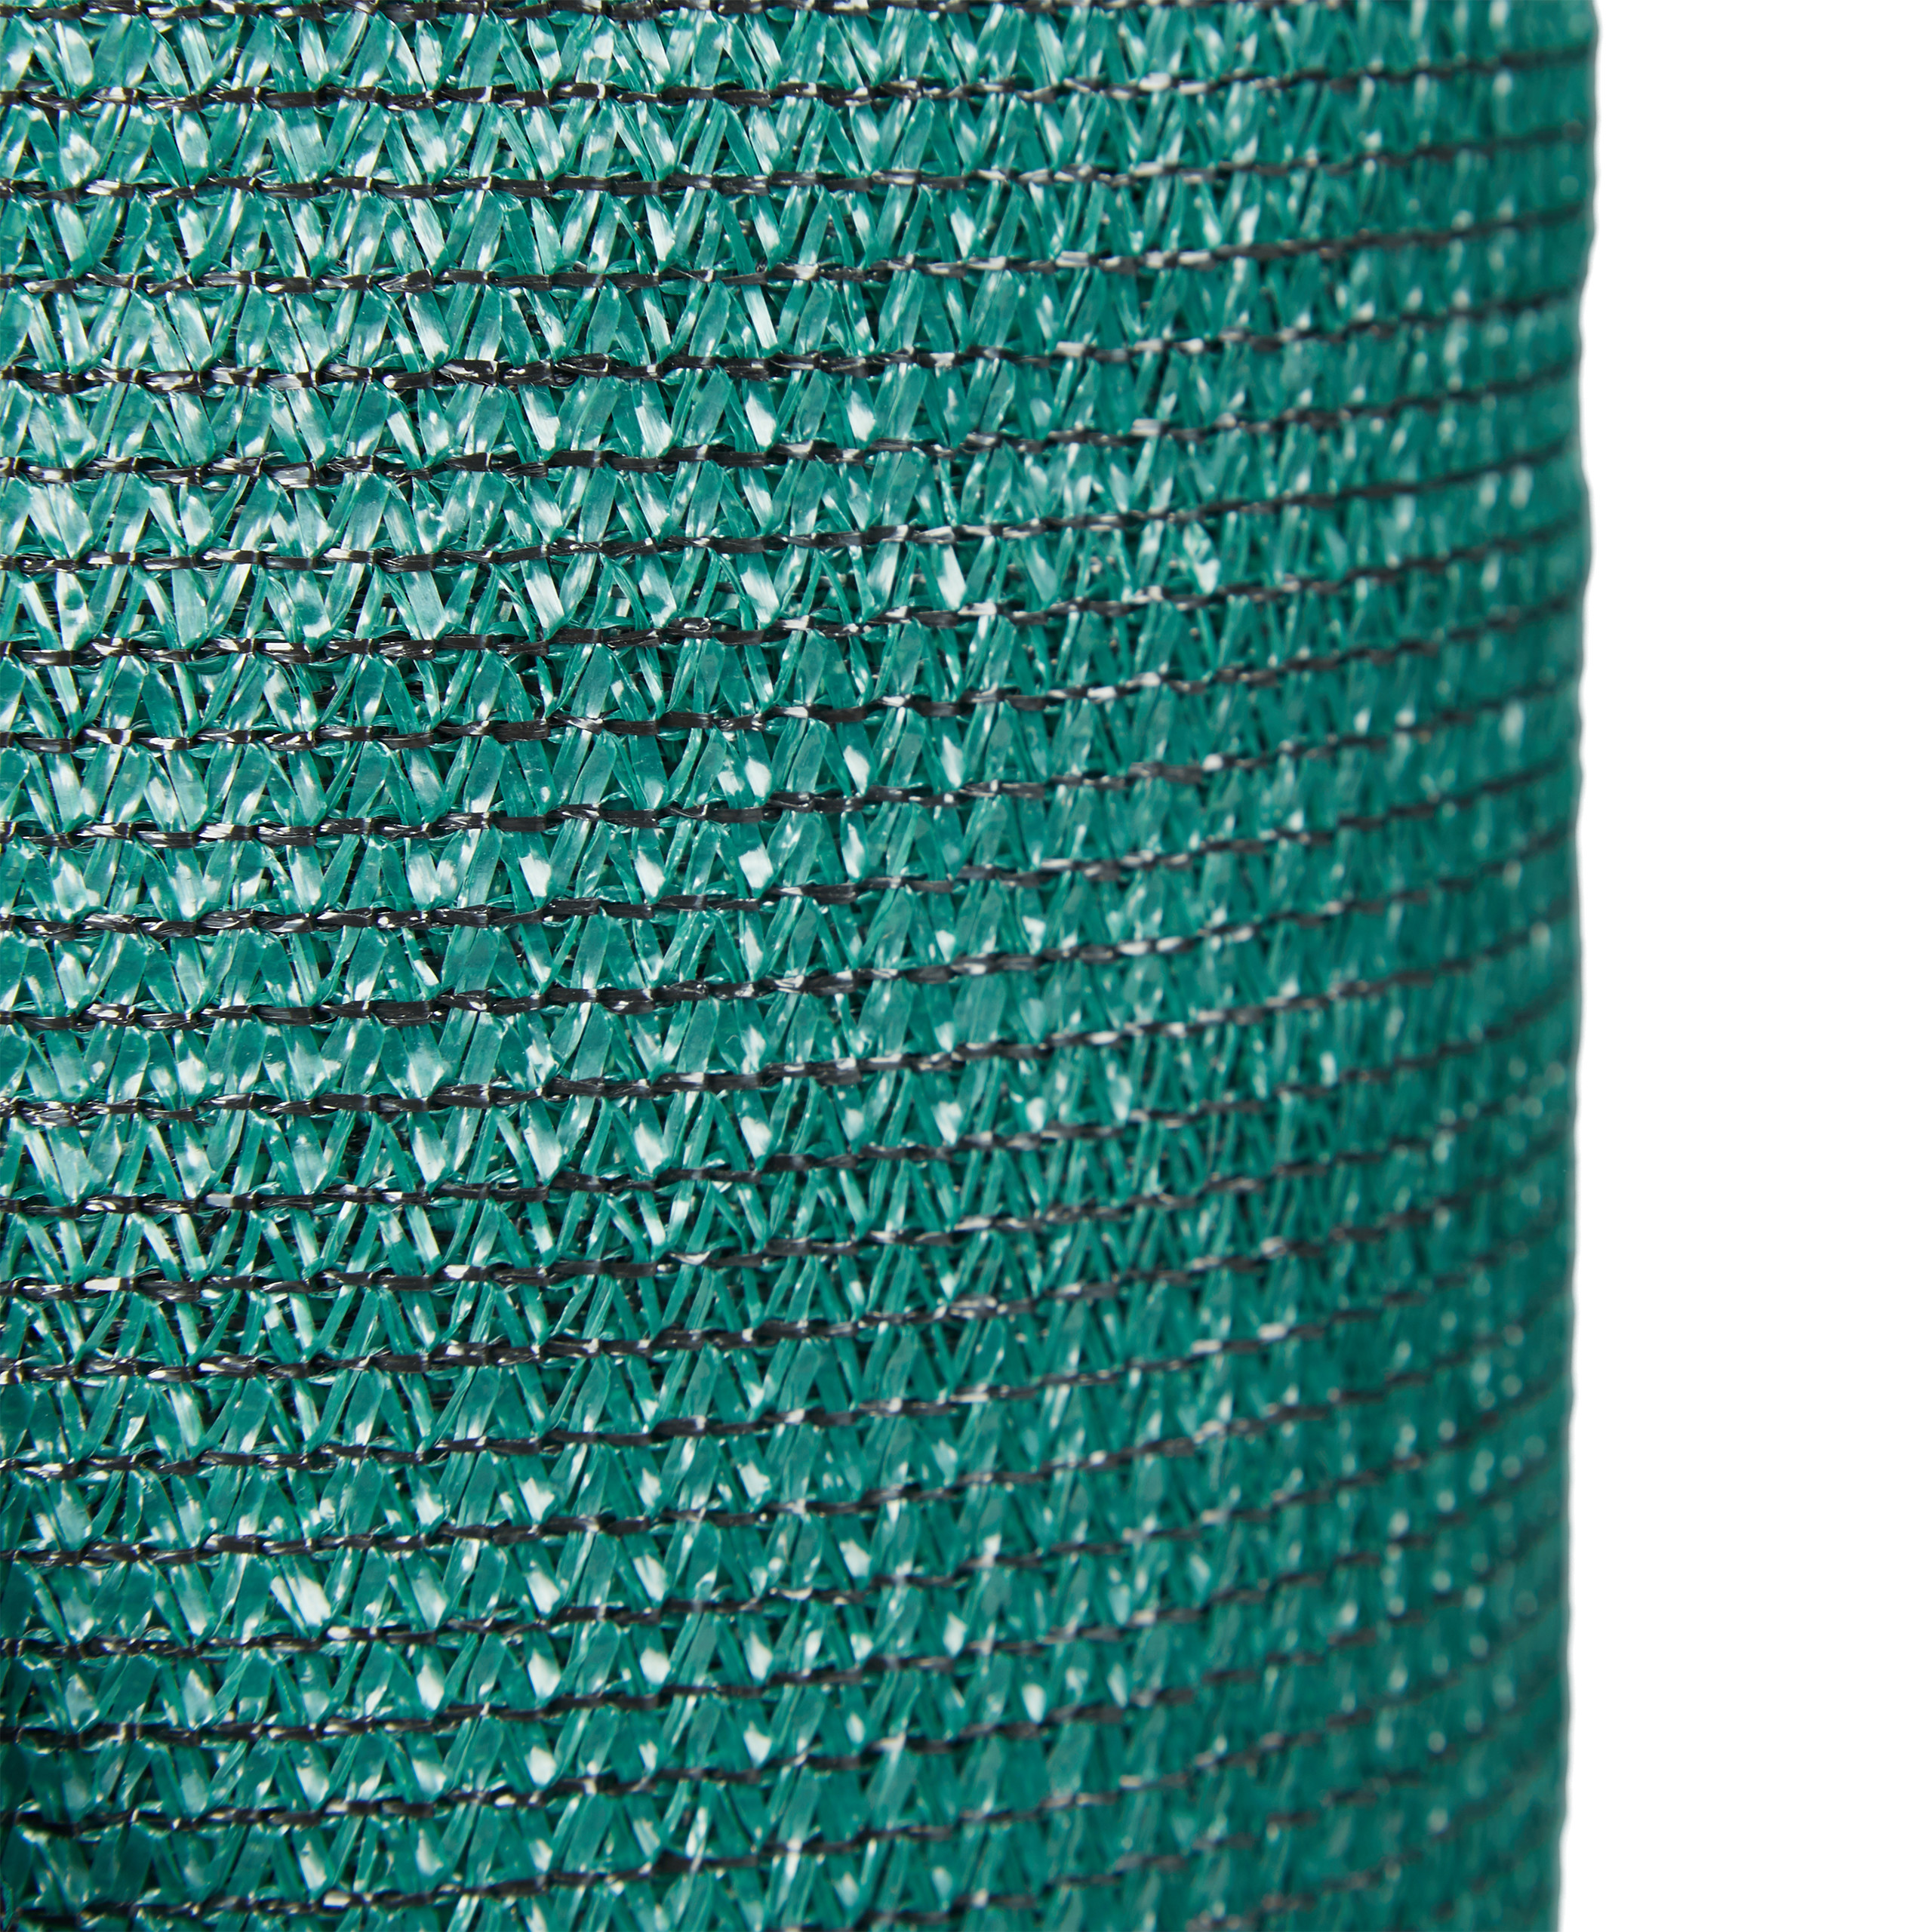 Indexbild 11 - Zaunblende grün 1m hoch, Sichtschutz Gartenzaun, Zaunsichtschutz, HDPE 150g/m²